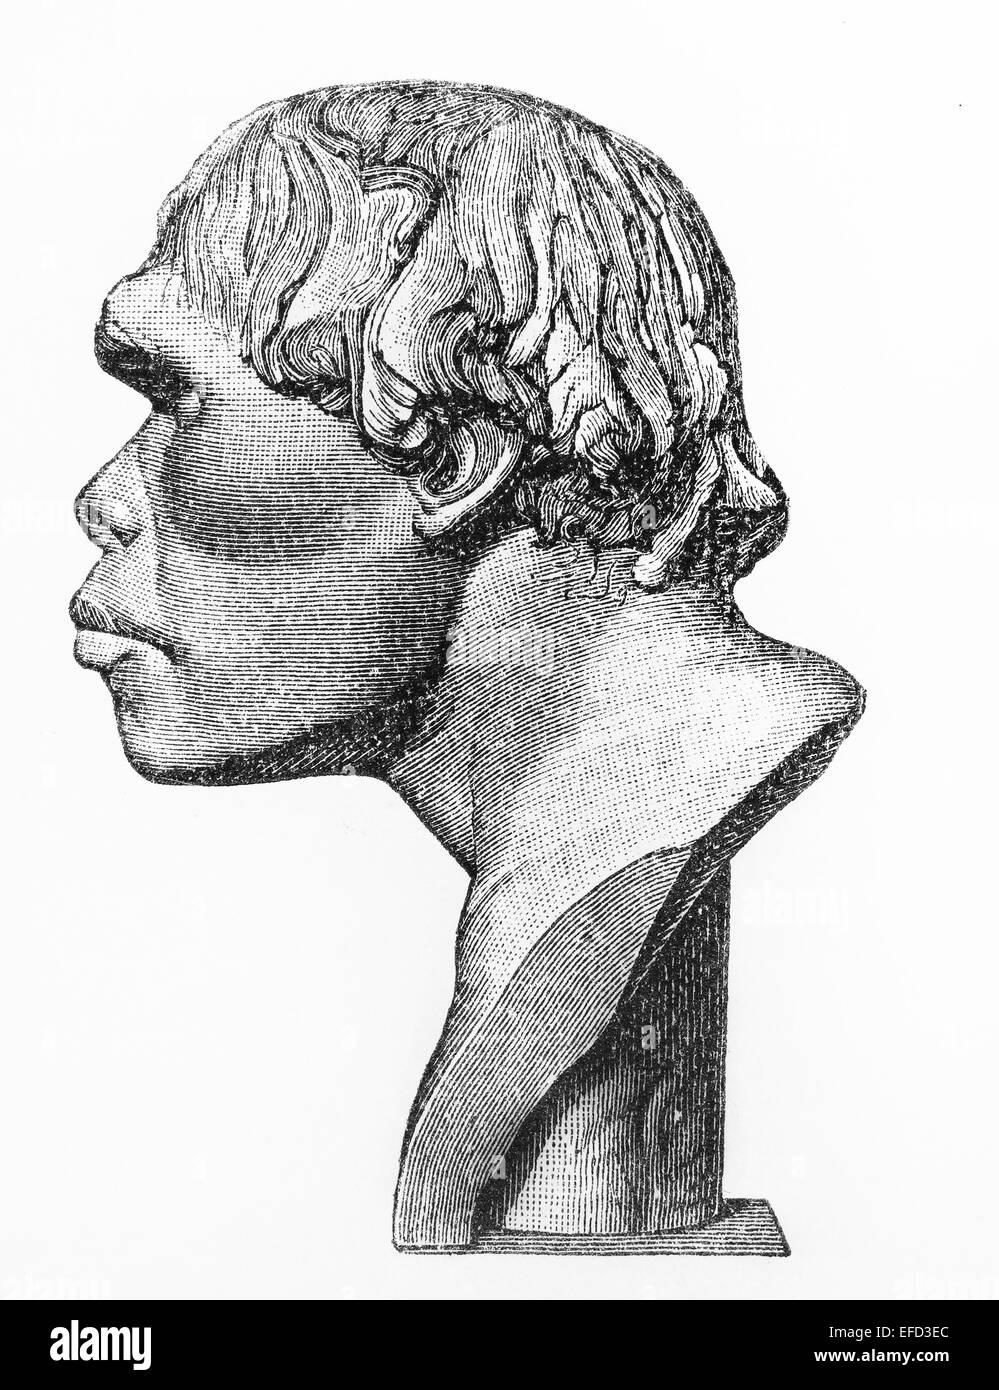 Vintage del siglo XIX Antiguo dibujo que representa una cabeza humana Neandertal Imagen De Stock